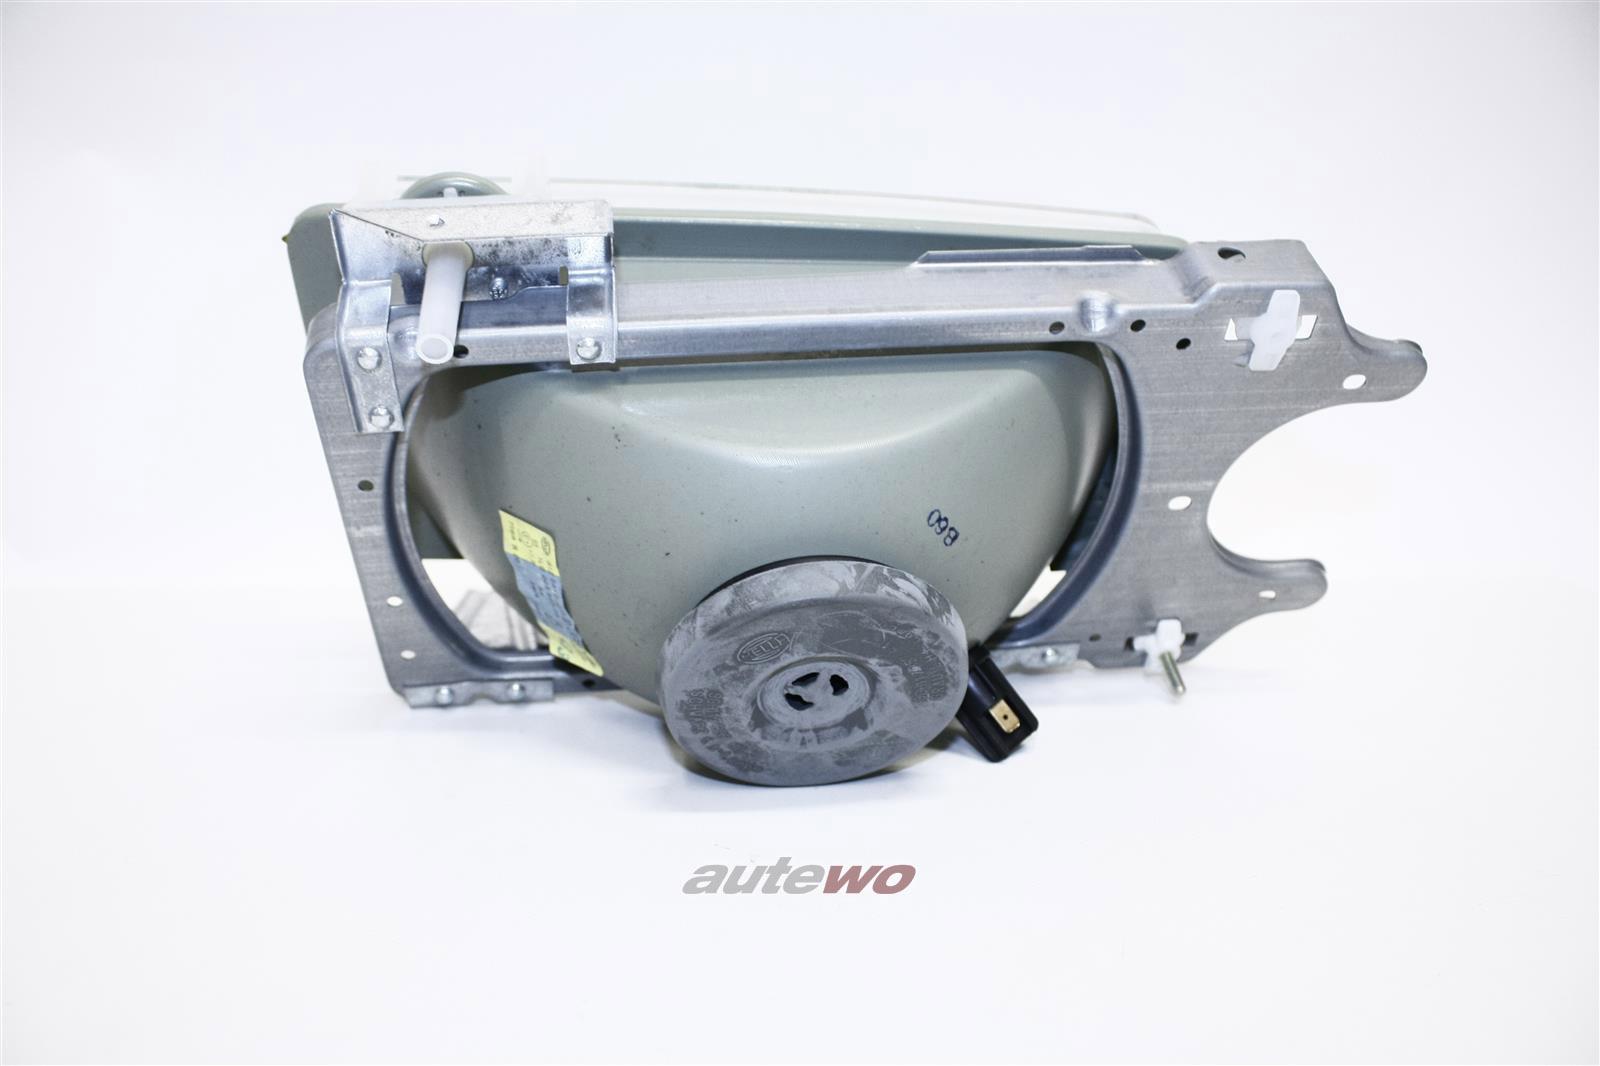 NEU&ORIGINAL Audi 80 Typ 81 Scheinwerfer RHD Rechts 812941030G